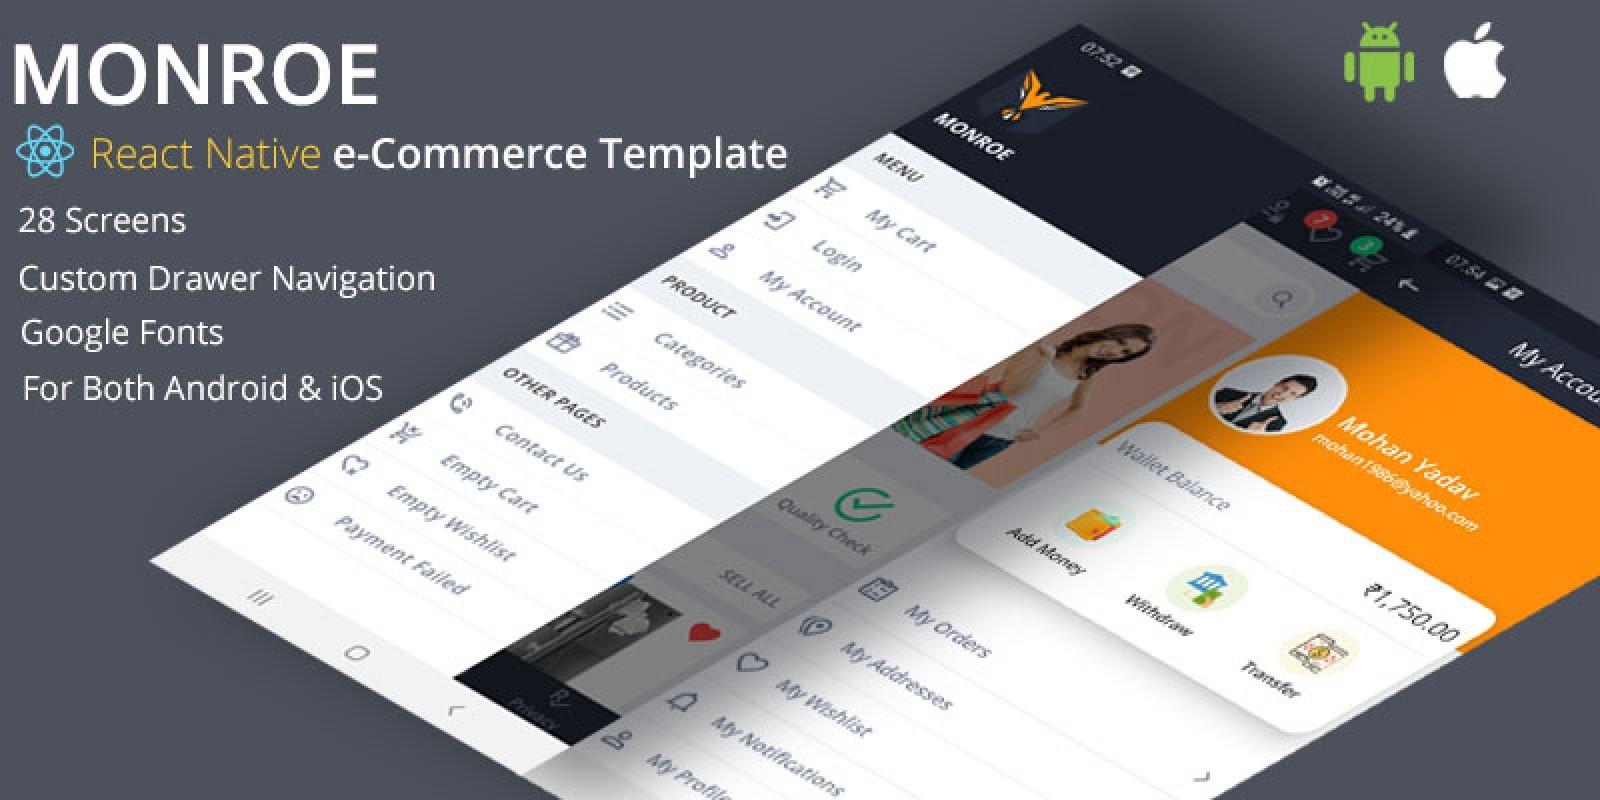 Monroe React Native e-Commerce UI Template